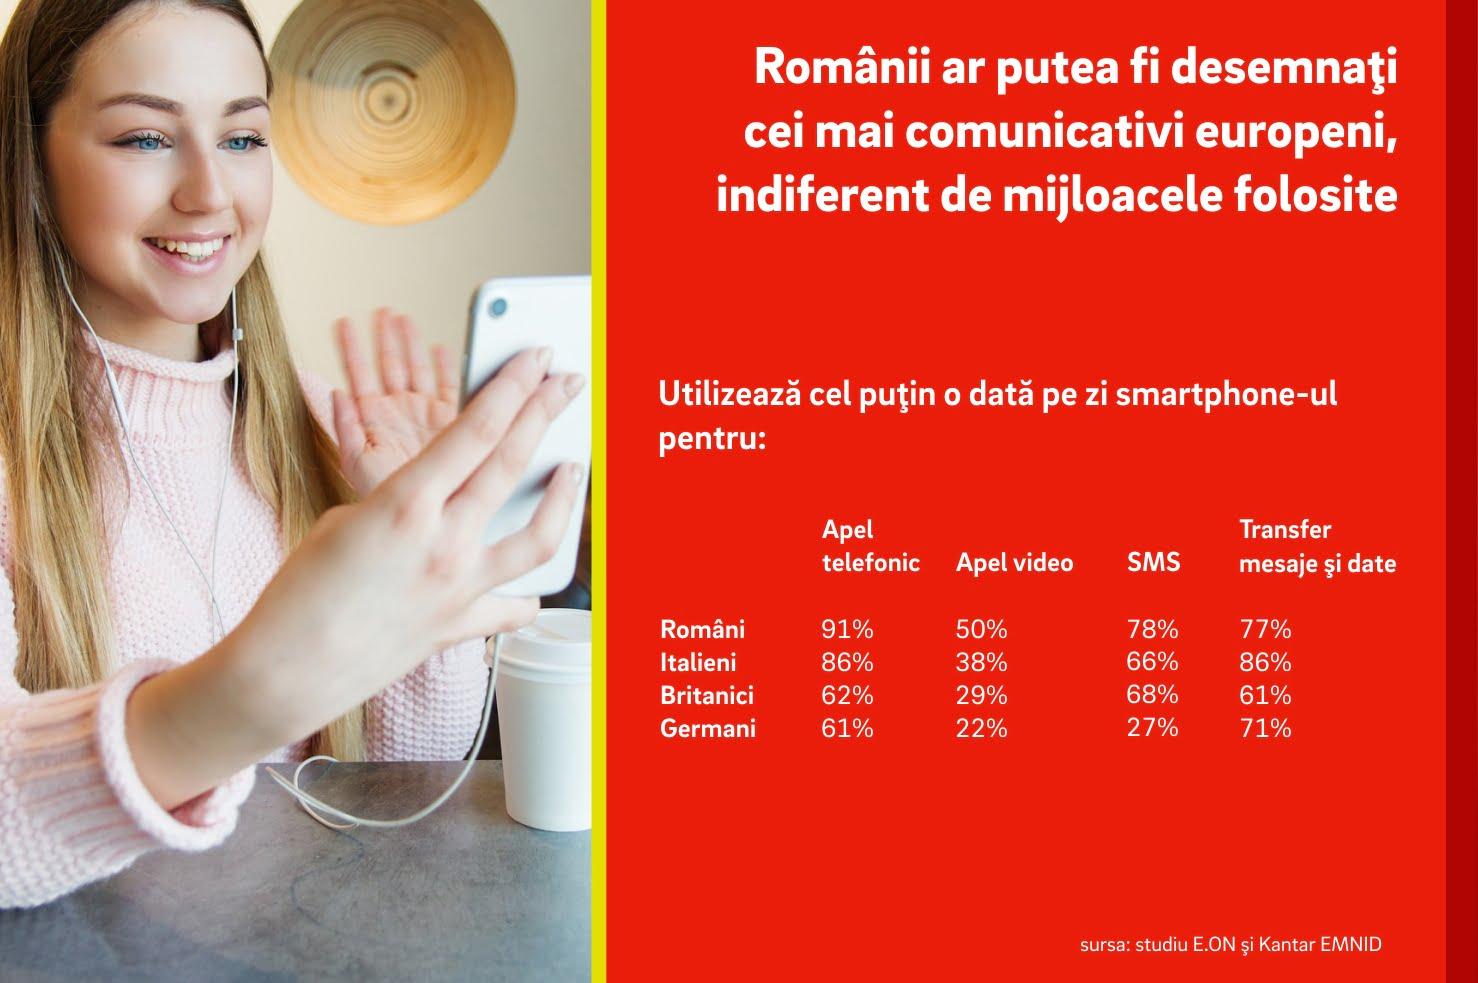 Studiu E.ON: Românii ar putea fi desemnaţi cei mai comunicativi europeni